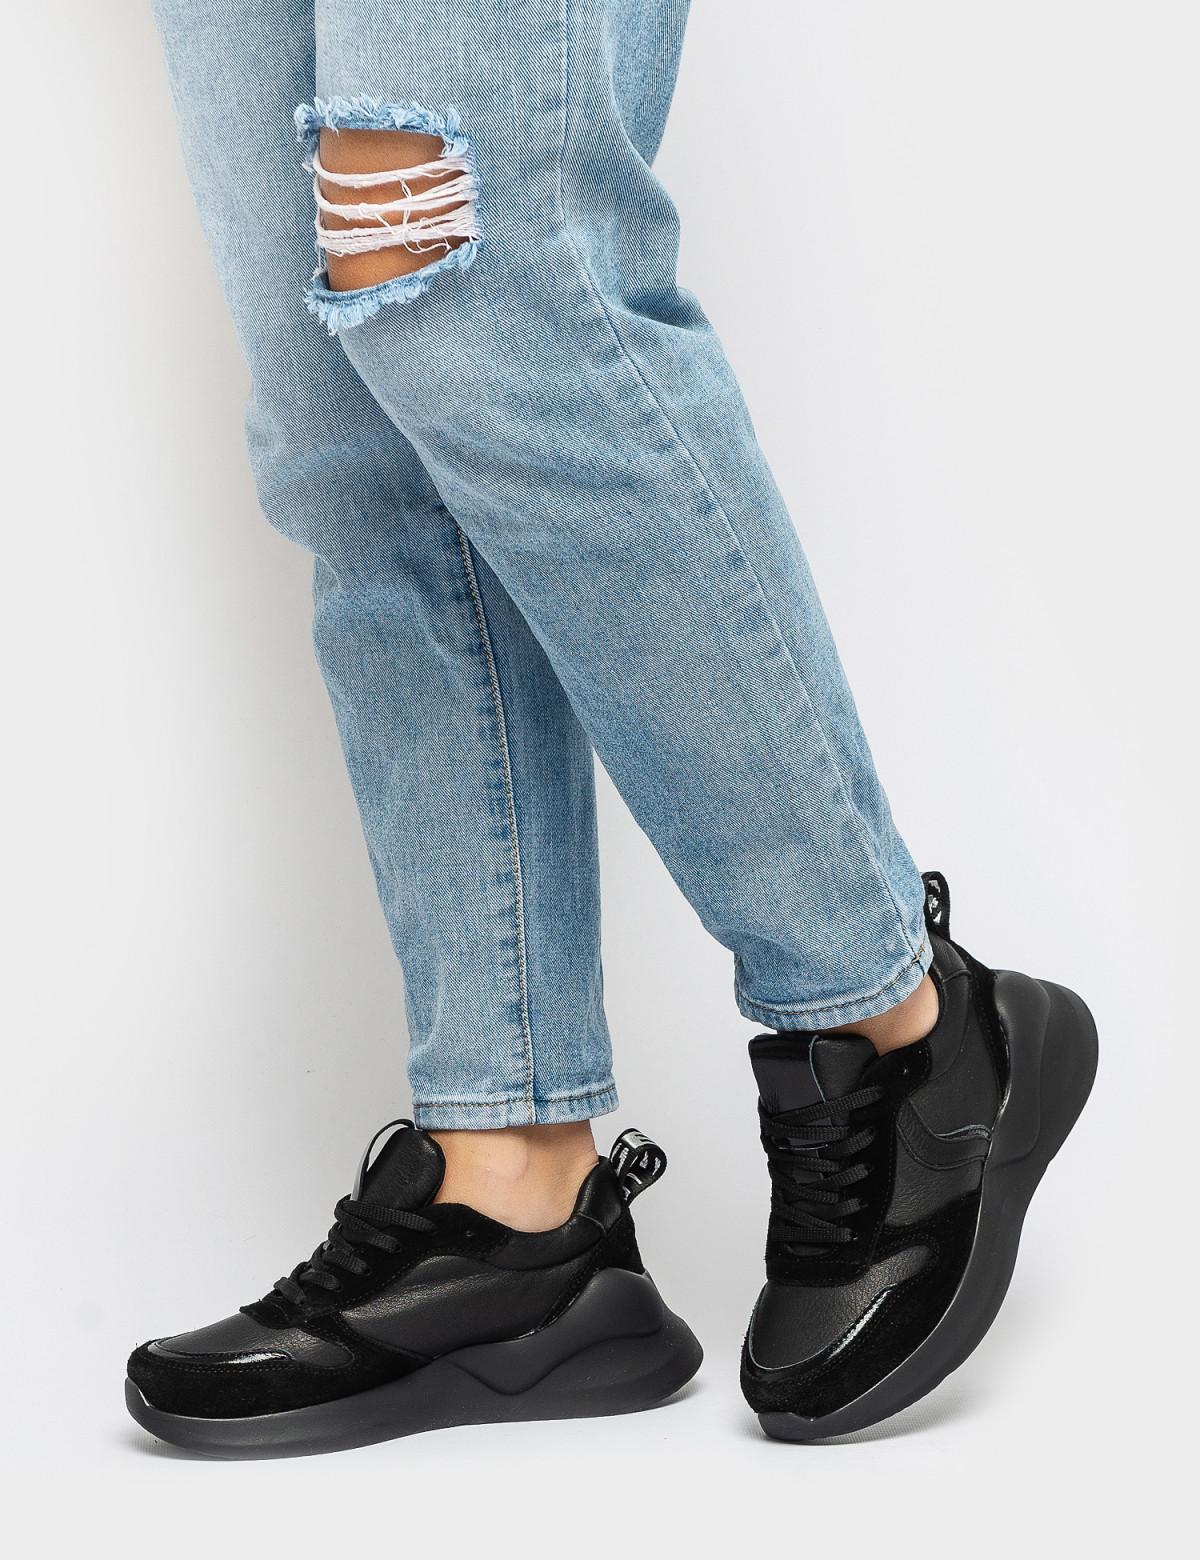 Кроссовки черные. Натуральная кожа/замша. 4